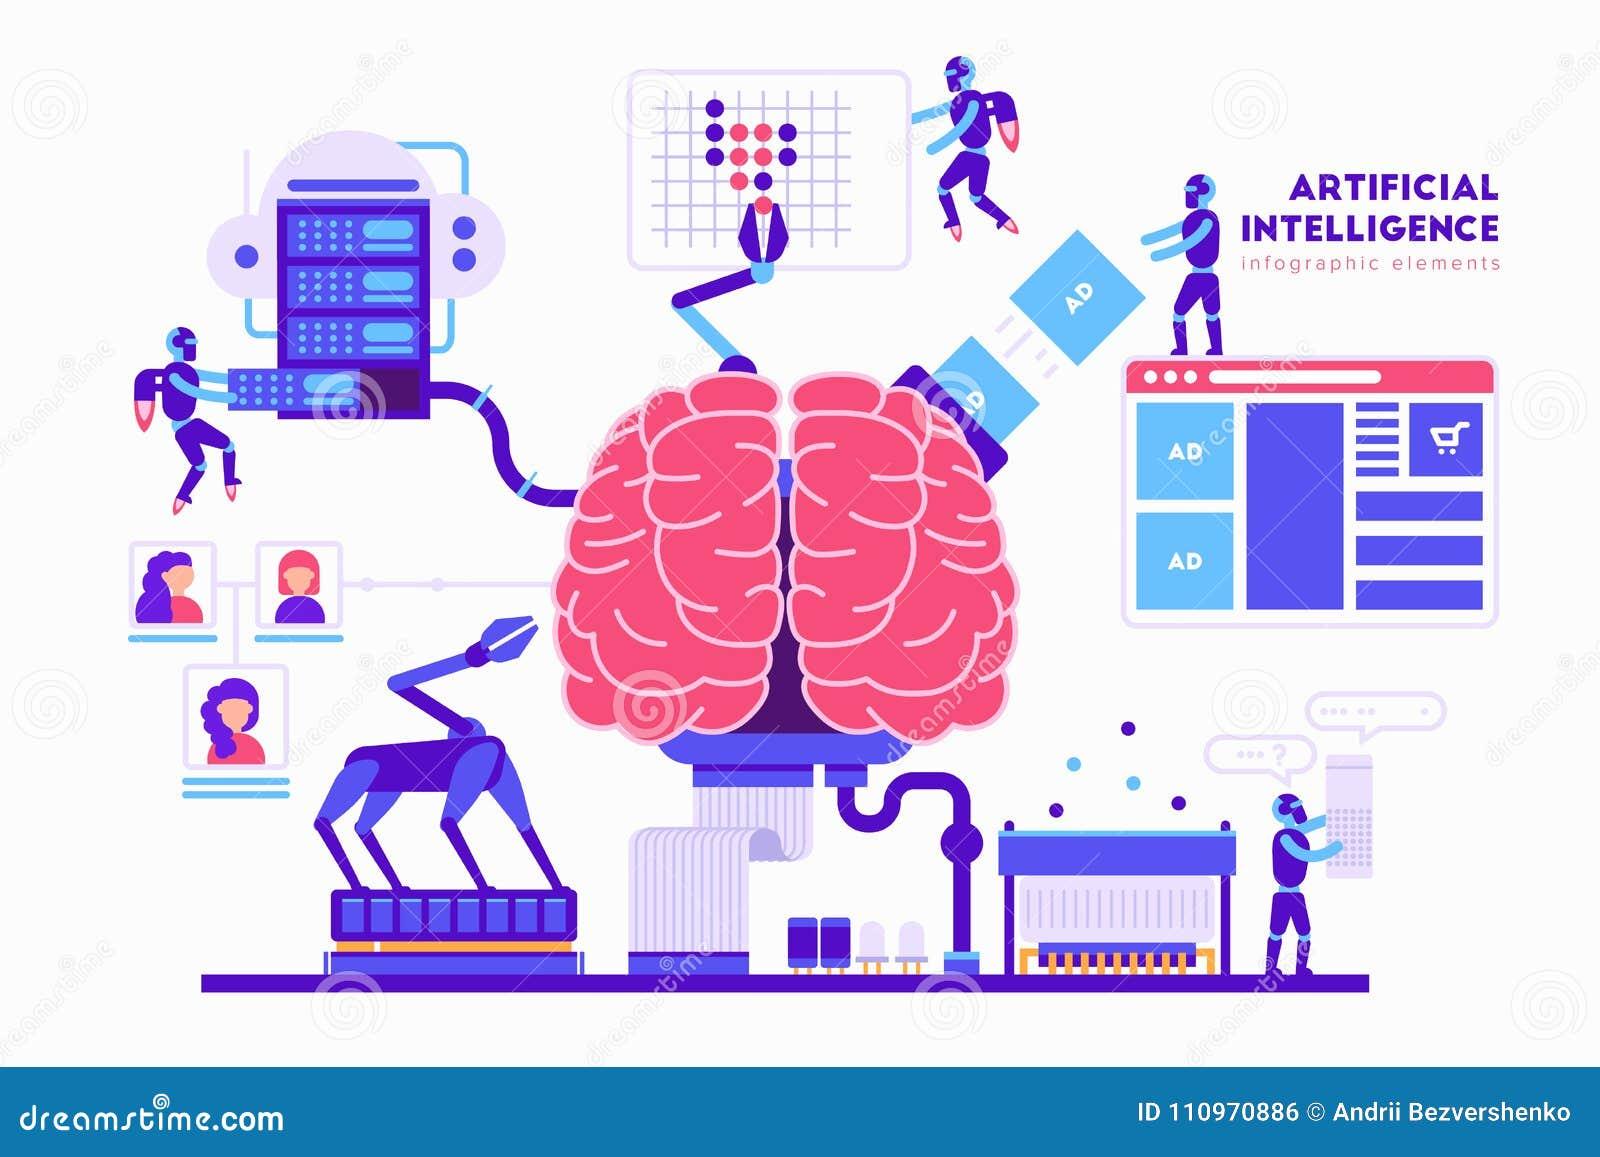 Иллюстрация вектора искусственного интеллекта в плоском дизайне Мозг, роботы, компьютер, хранение облака, серверы, robohand